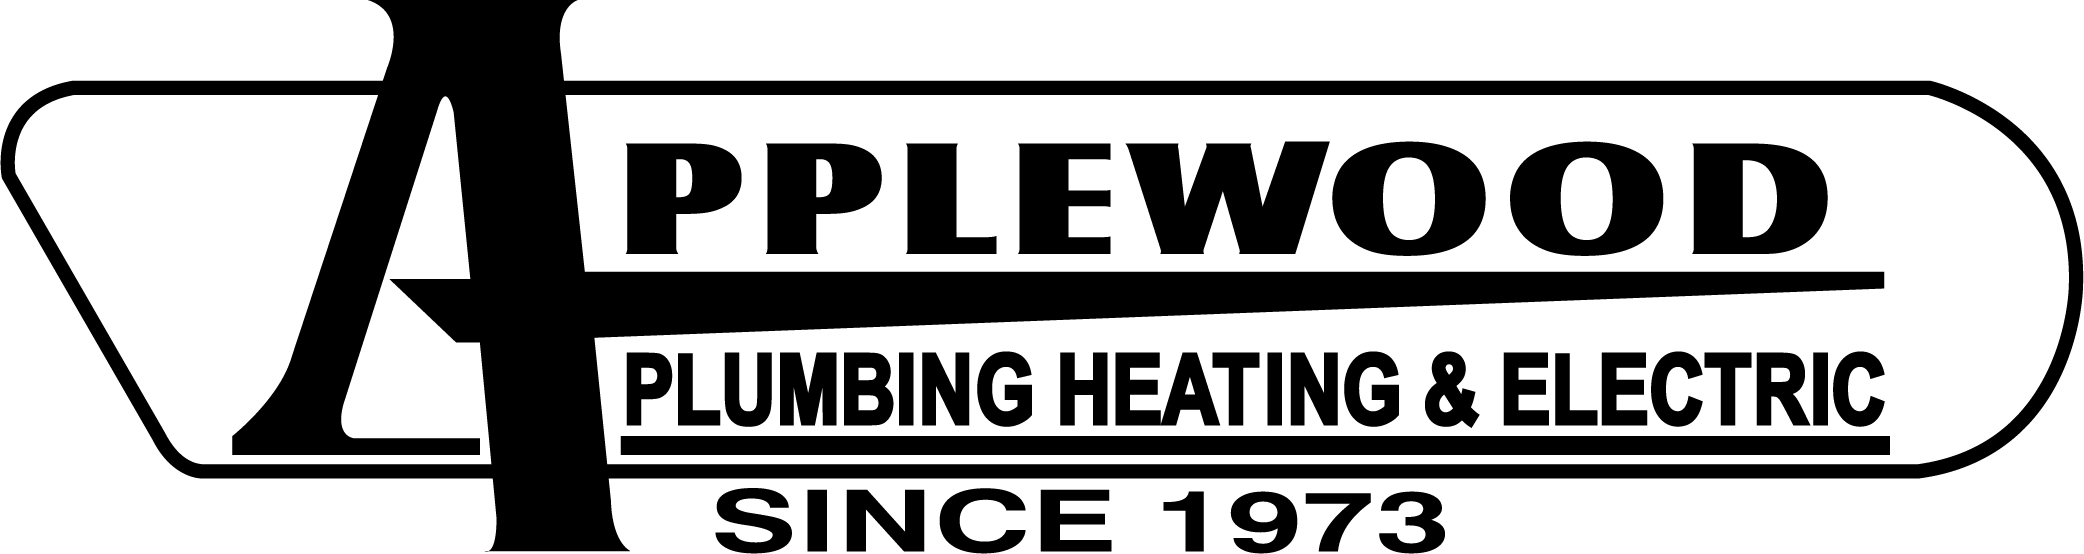 Applewood Plumbing Heating & Electric Company Logo